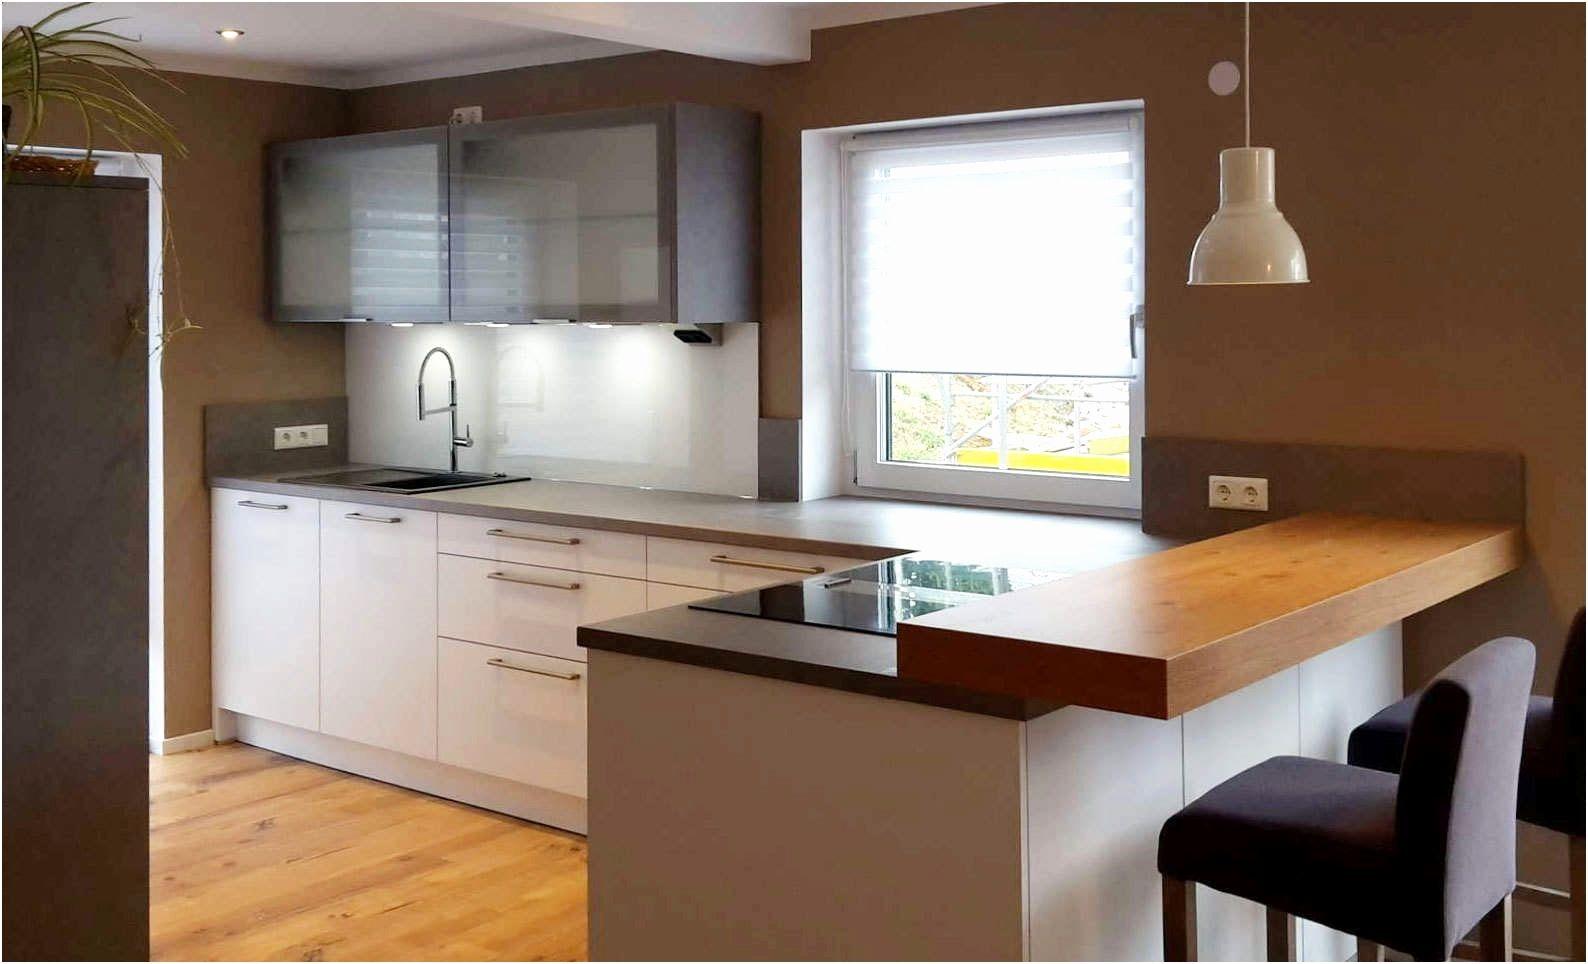 Bildergebnis für küche l form mit theke | Küche | Küche mit ...